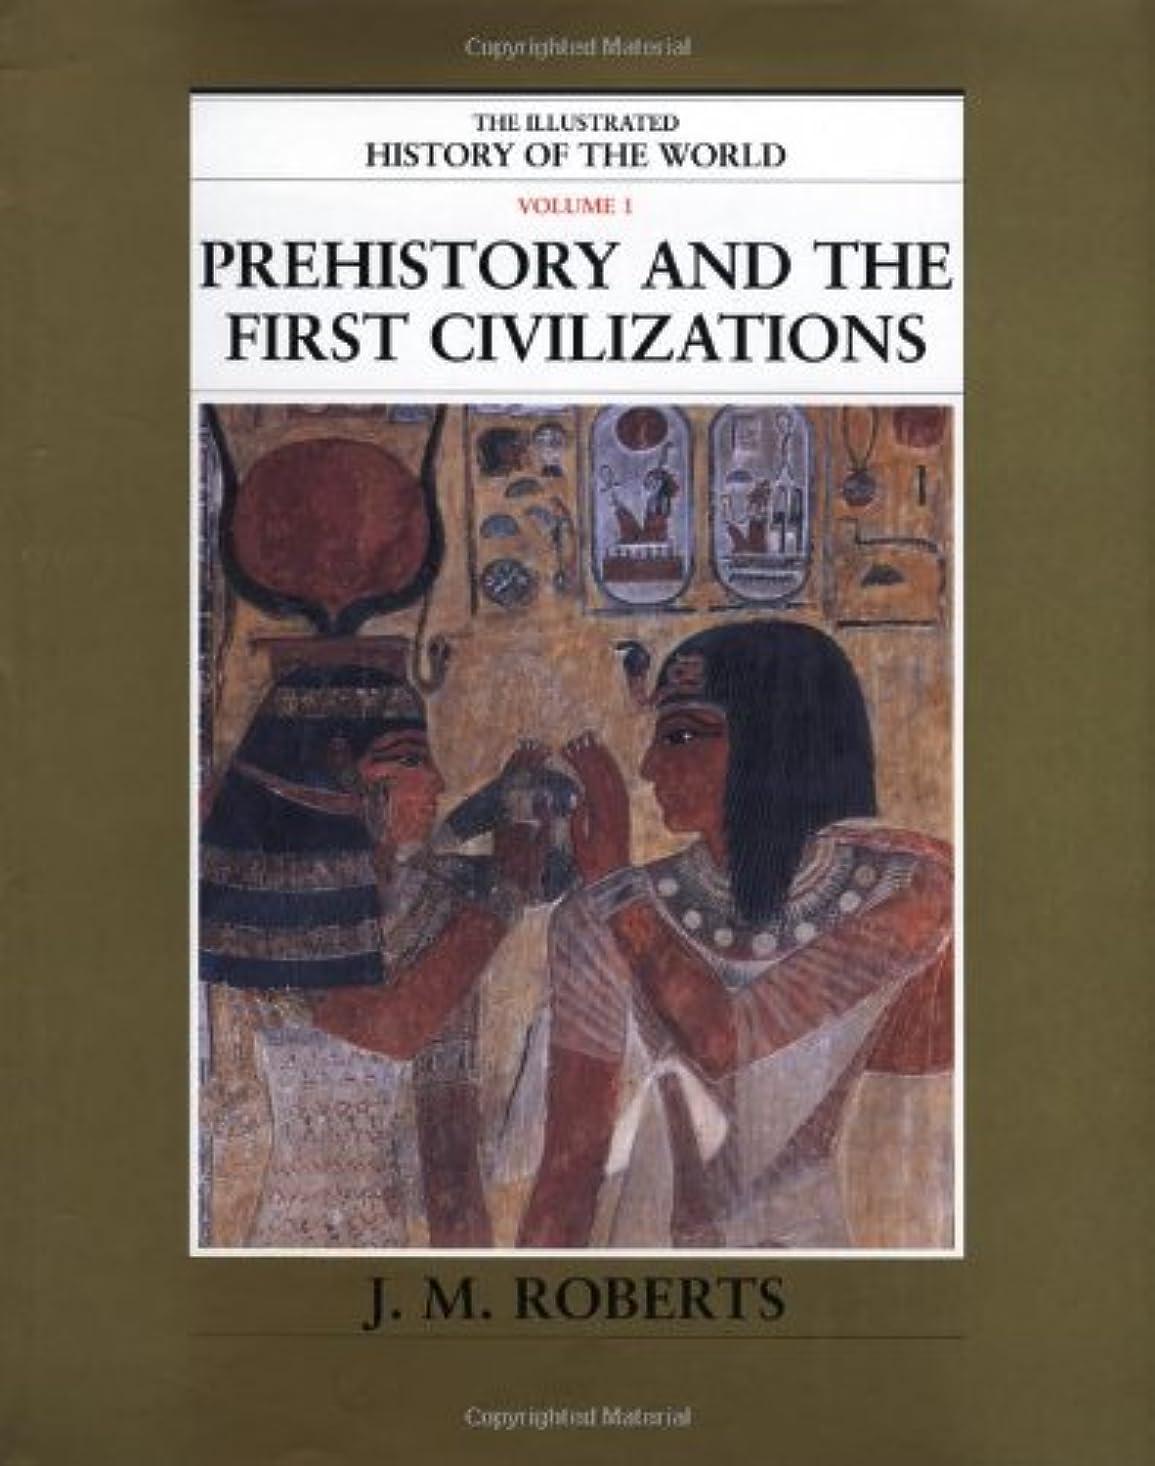 バルセロナ誰も広げるPrehistory and the First Civilizations (The Illustrated History of the World)